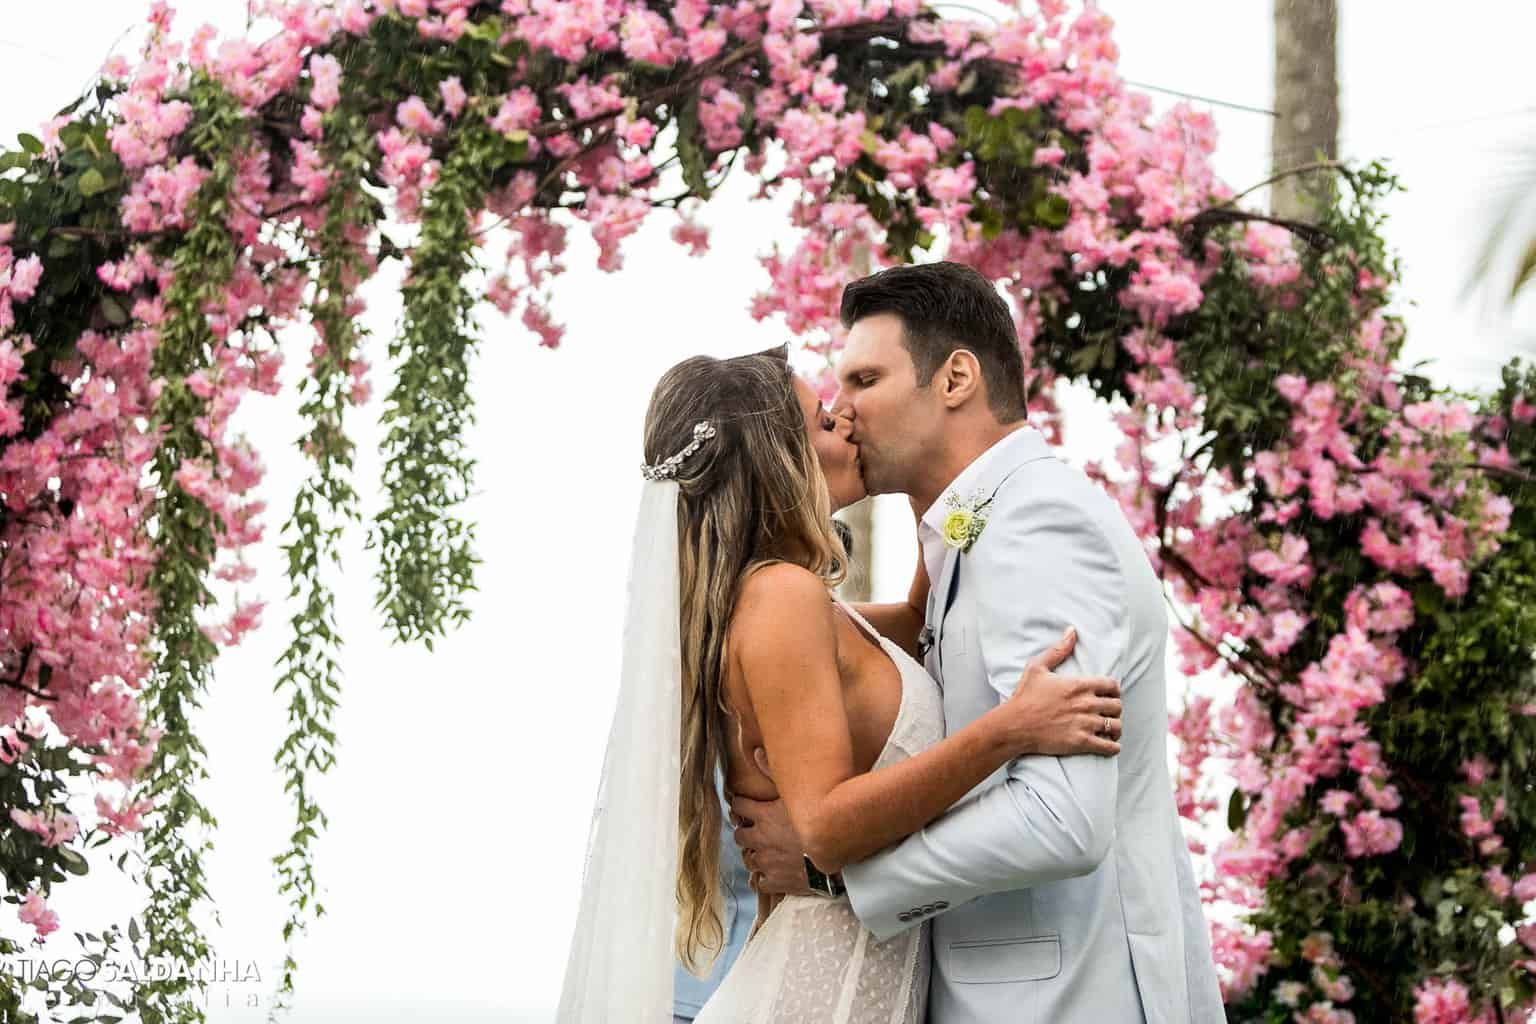 Aliança-no-Espelho-Casamento-Chandrélin-e-Laureano-cerimonia-na-praia-cerimonia-no-jardim-Chan-e-Lau-Rio-da-Barra25